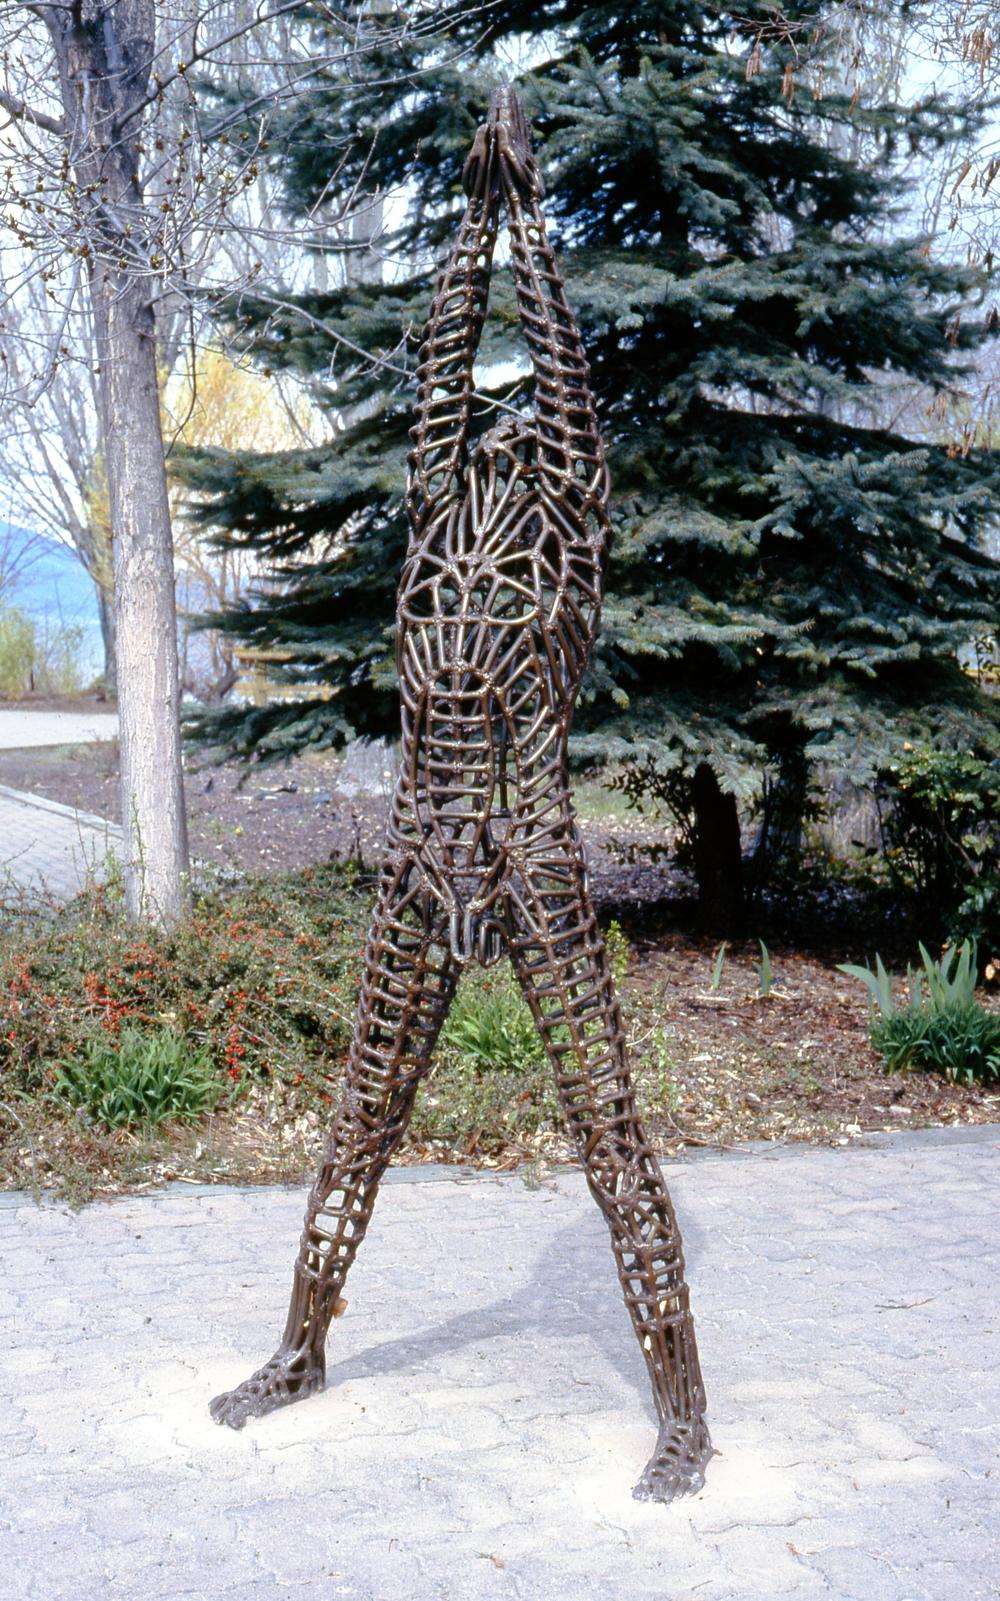 4B6-2001-0301a.jpg